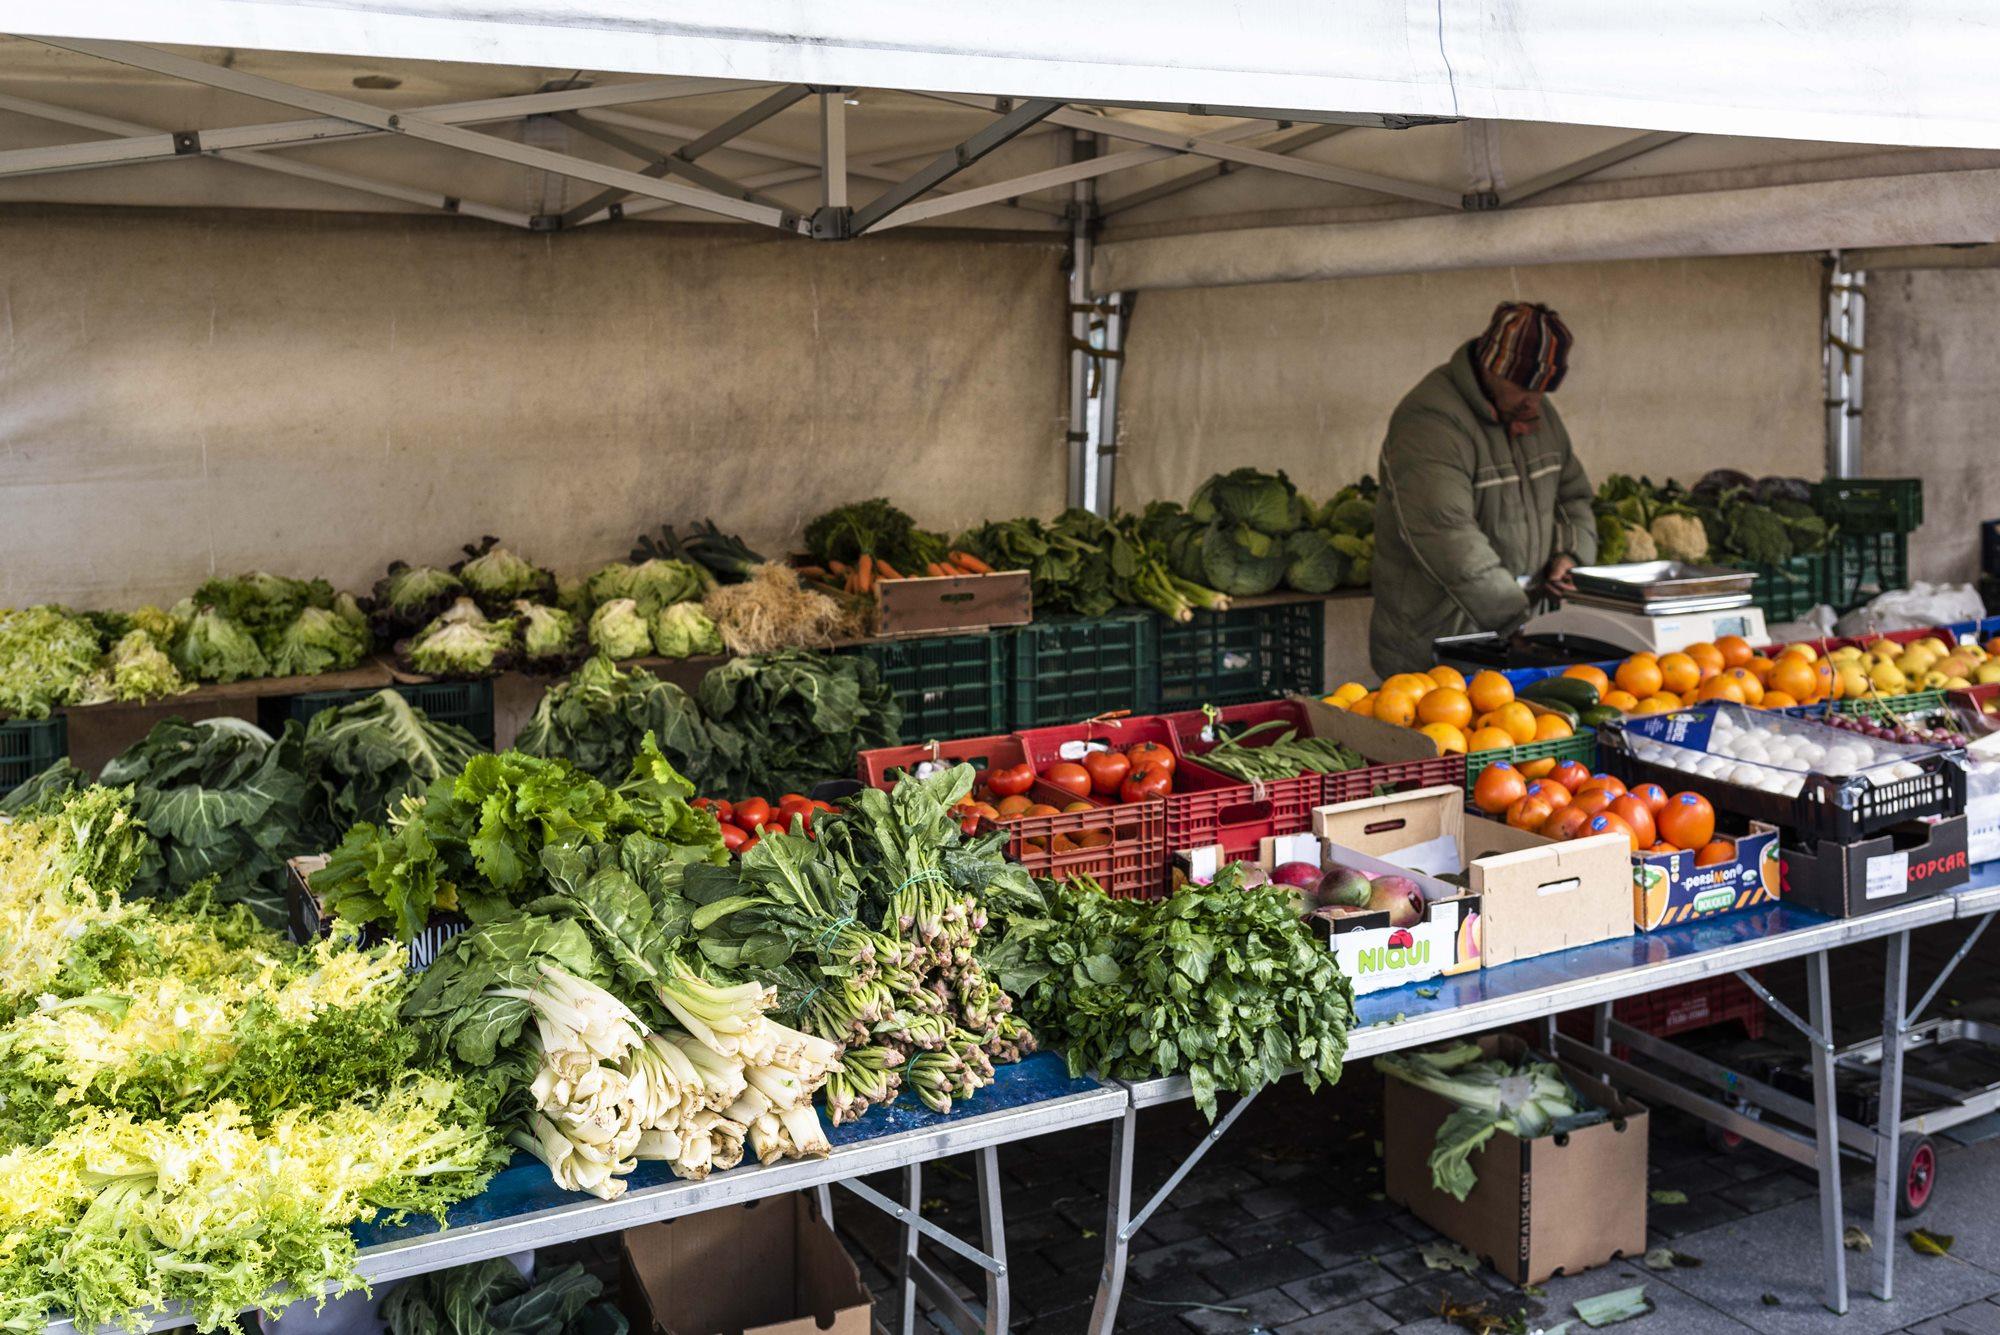 El mercado de los martes en la plaza ofrece las verduras necesarias.